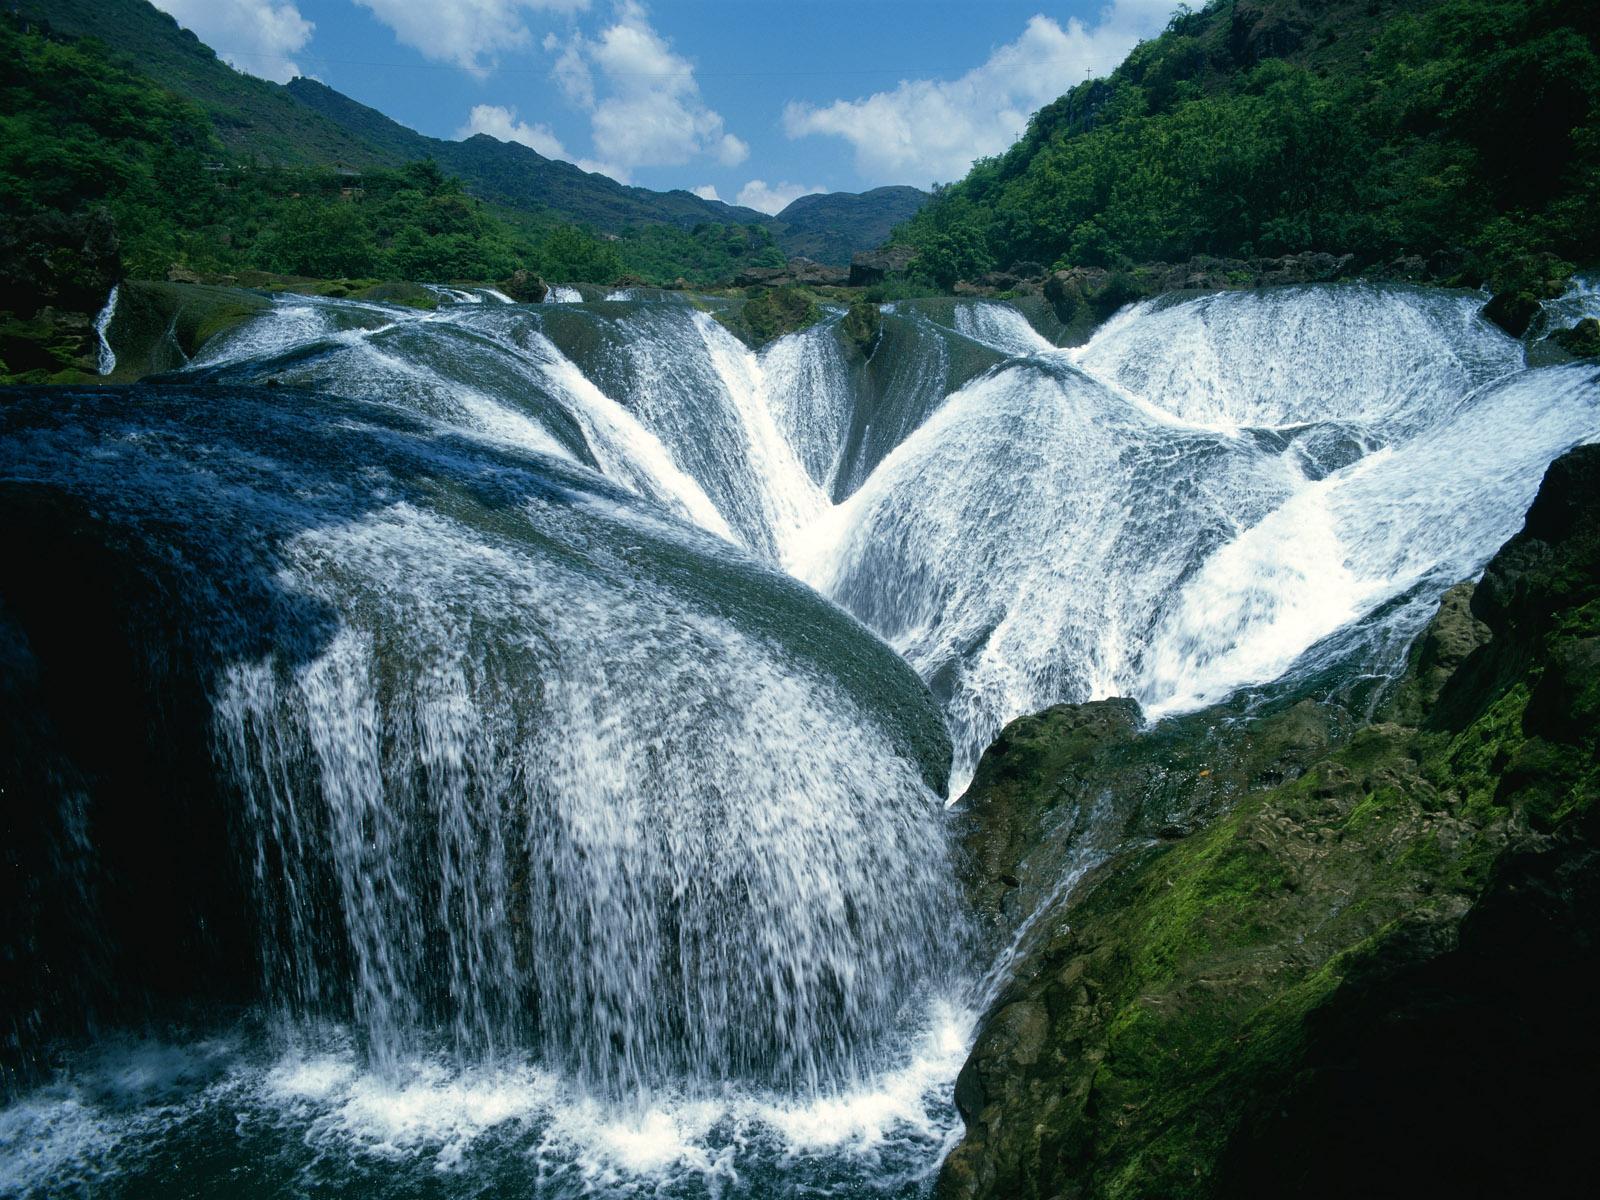 заказать портрет картинки про водопад когда